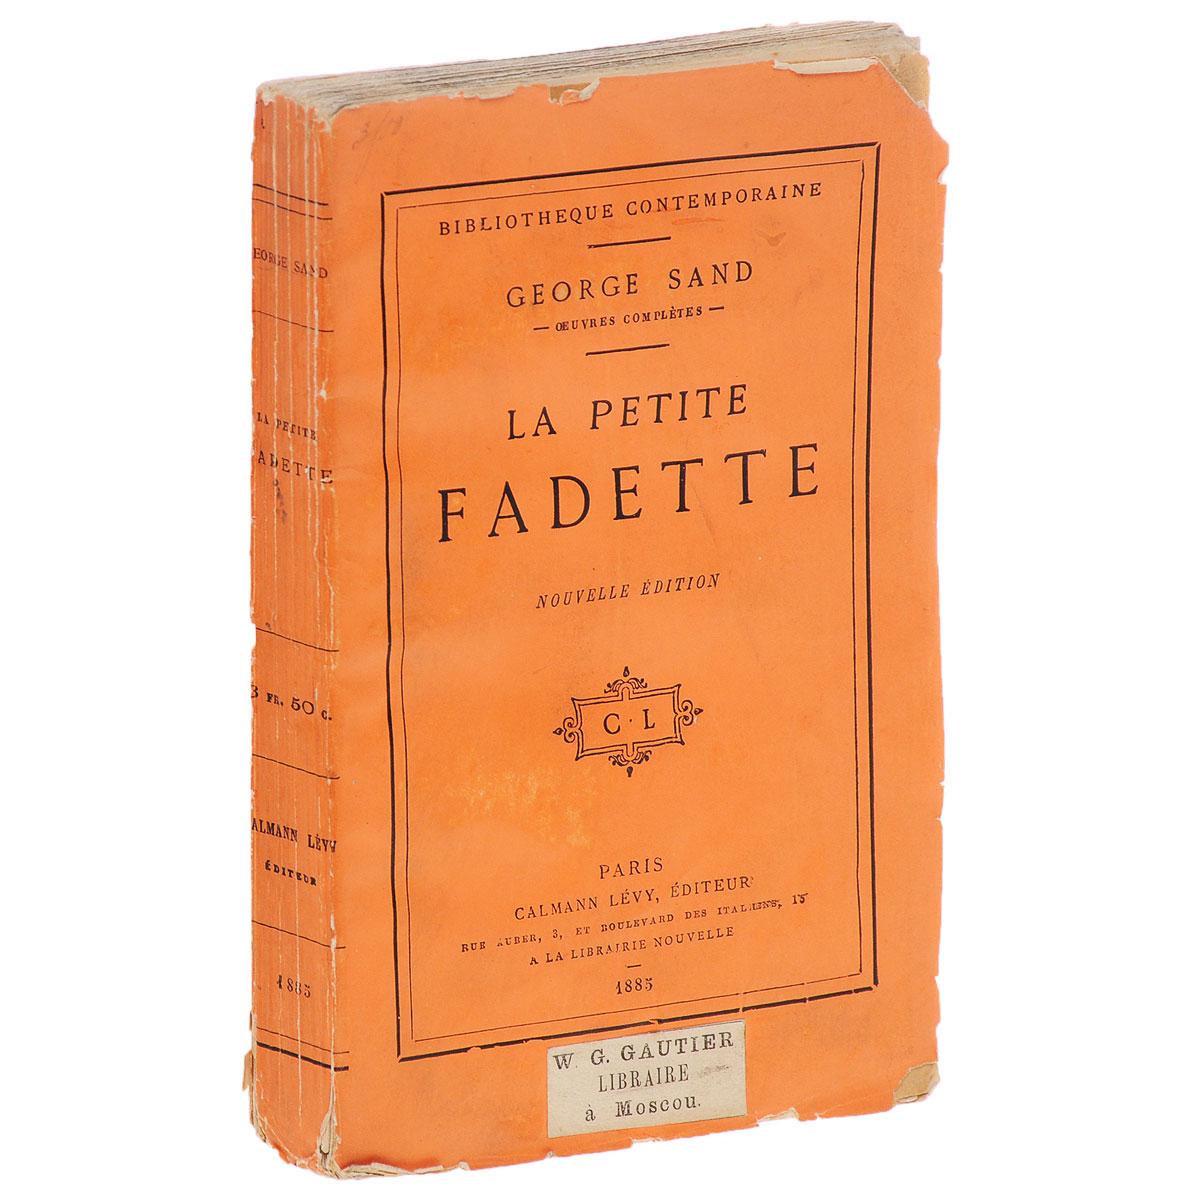 La Petite FadetteART-2290500Париж, 1885 год. Calmann Levy, Editeur. Издательский переплет. Сохранность хорошая. Сохранена оригинальная обложка. Предлагаем вашему вниманию знаменитую историю Жоржа Санда о маленькой Фадетте на французском языке. Про Фадетту думают: уж не колдунья ли она? Ведь ей известны секреты лечебных трав, и она не боится блуждающих огней. У нее дерзкий характер, но в то же время она хитра и озорна. В деревне Фадетту не любят все, включая близнецов Ландри и Сильвена Барбо. Но однажды, оказав услугу Ландри, она берет с него слово, что он пригласит ее танцевать на деревенском празднике... Издание не подлежит вывозу за пределы Российской Федерации.